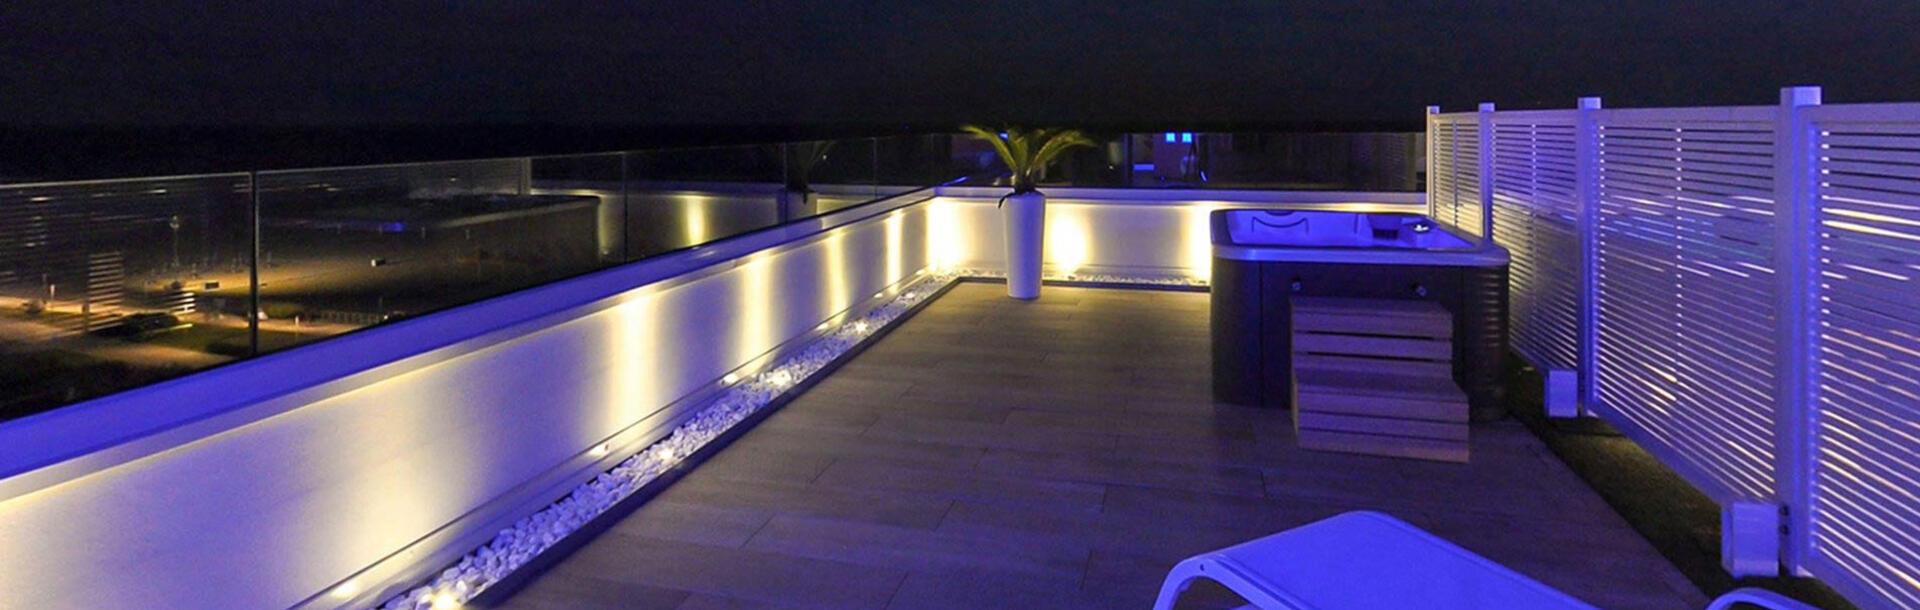 hotel-montecarlo en wellness-suite-smeraldo 013